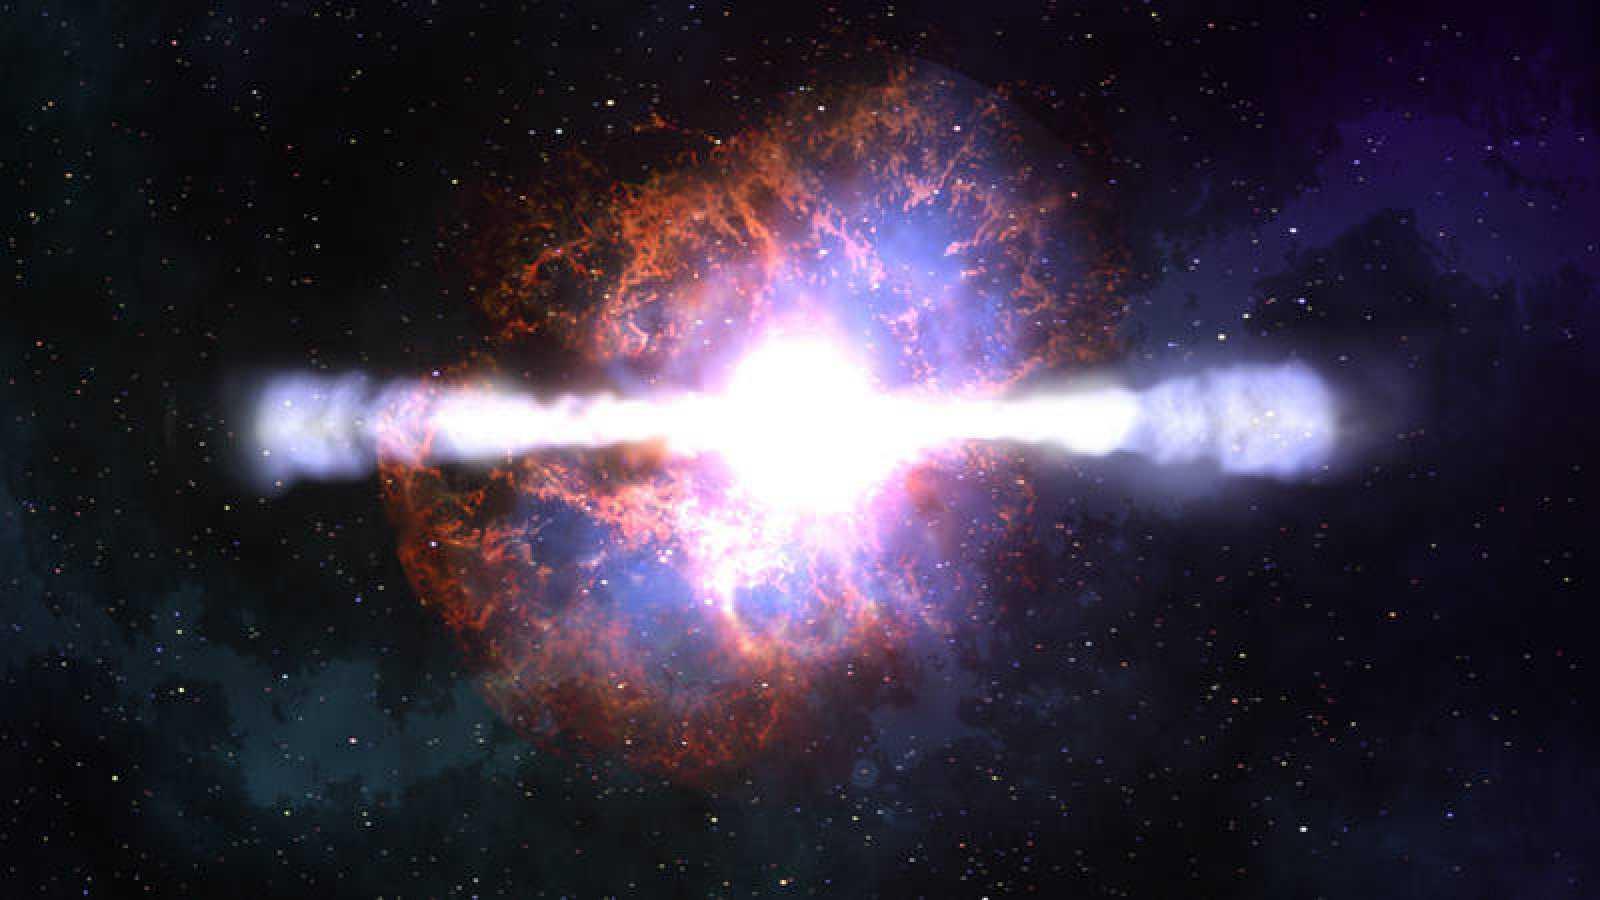 Representación artística de un estallido de rayos gamma.